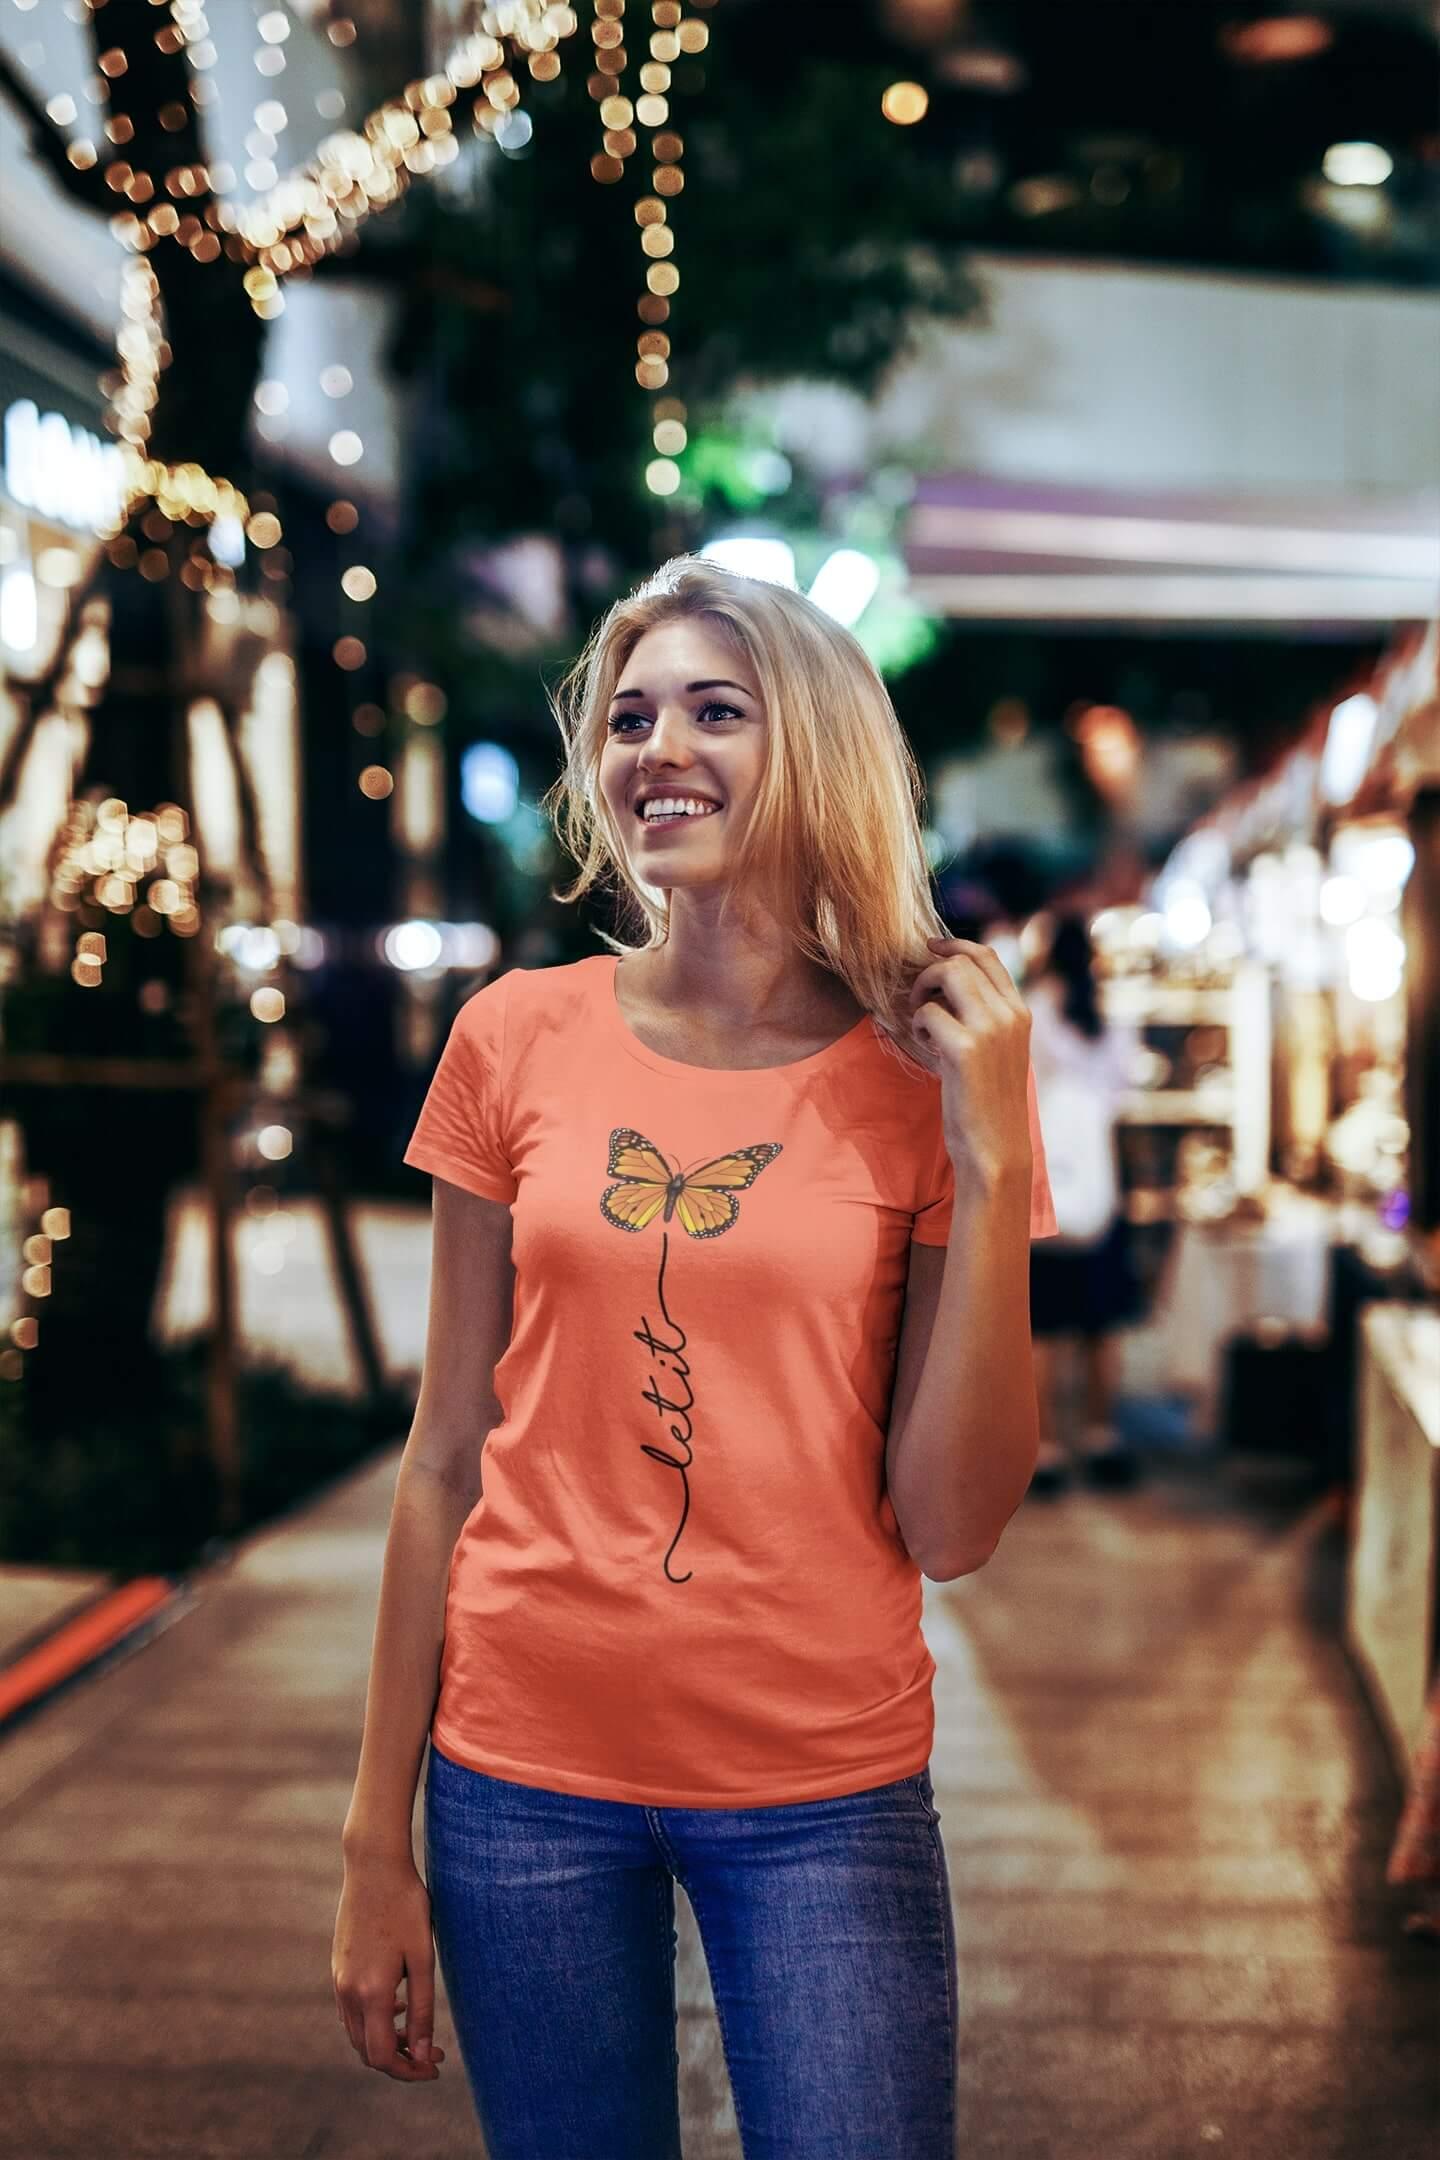 MMO Dámske tričko Let it motýľ Vyberte farbu: Korálová, Vyberte veľkosť: S